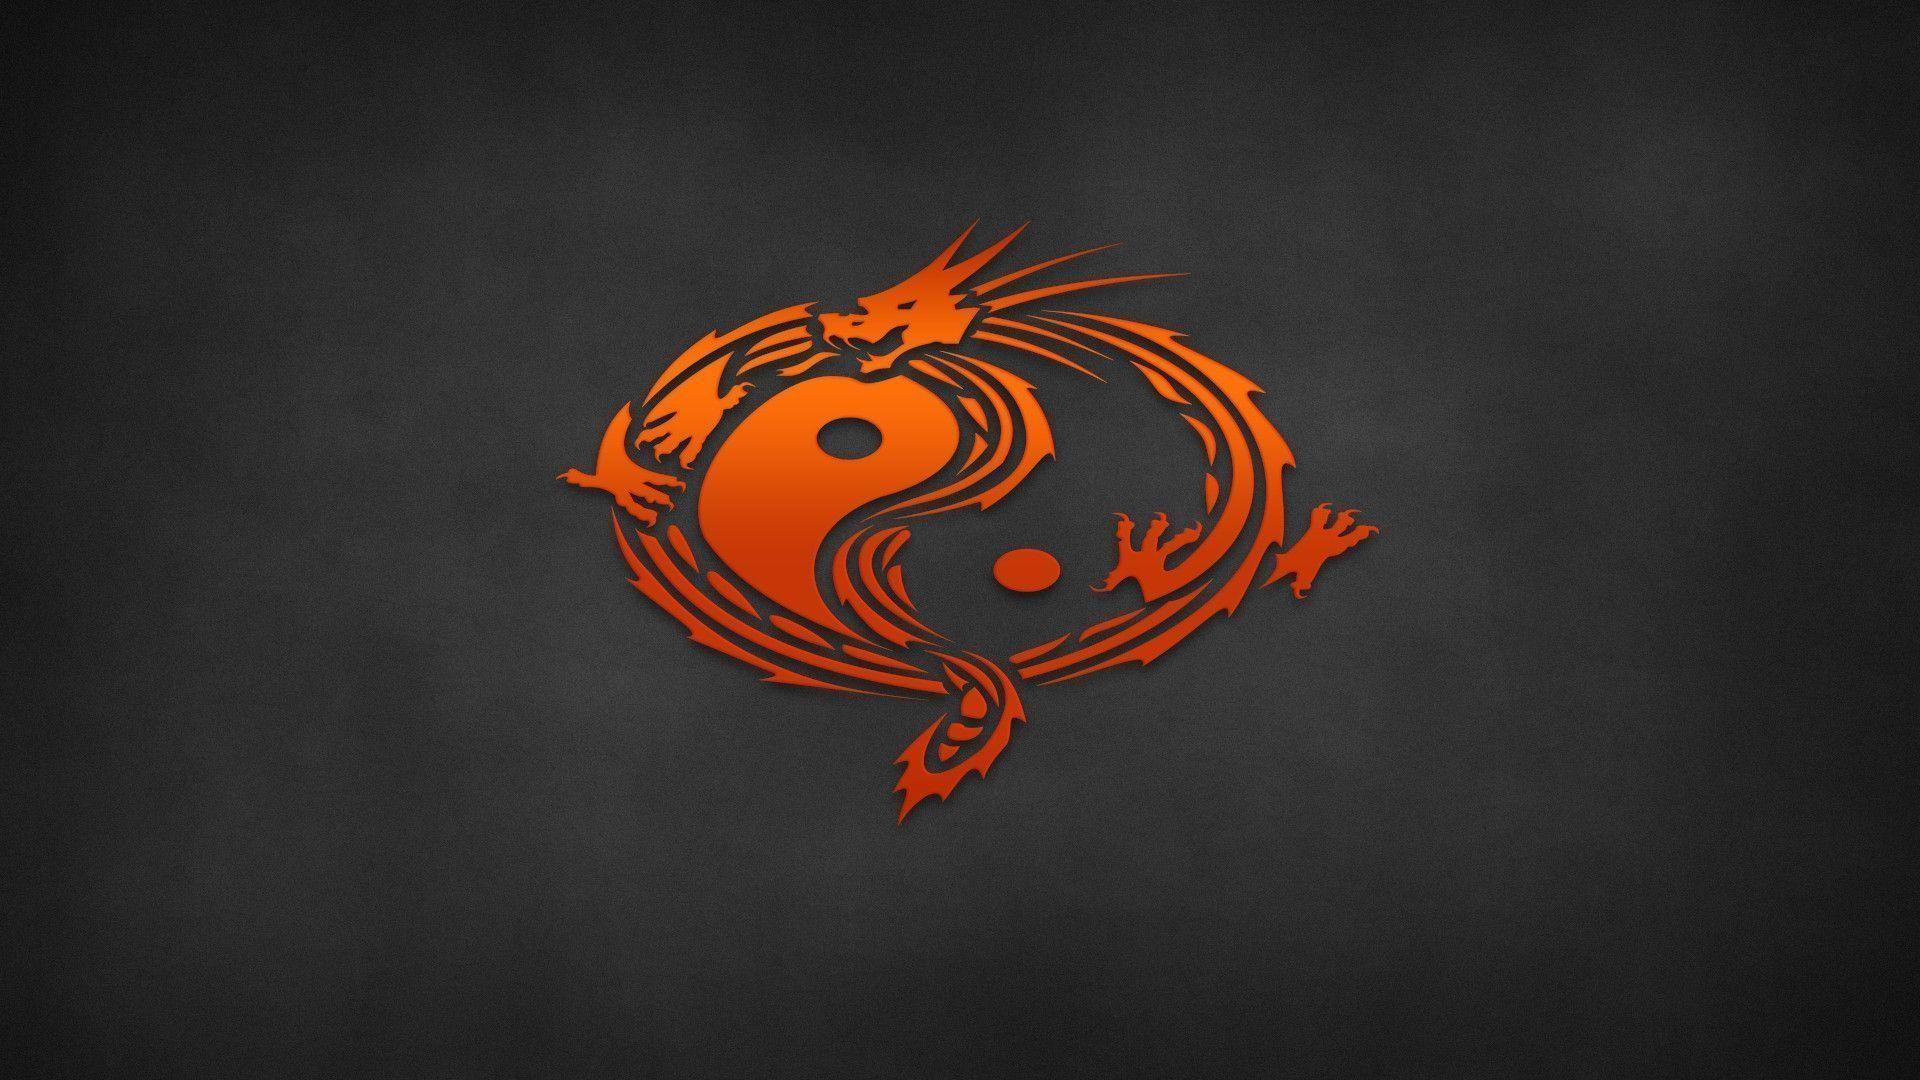 Ying Yang Abstract Dragon And Tiger Yin Ipad Iphone Hd Free Wallpapers